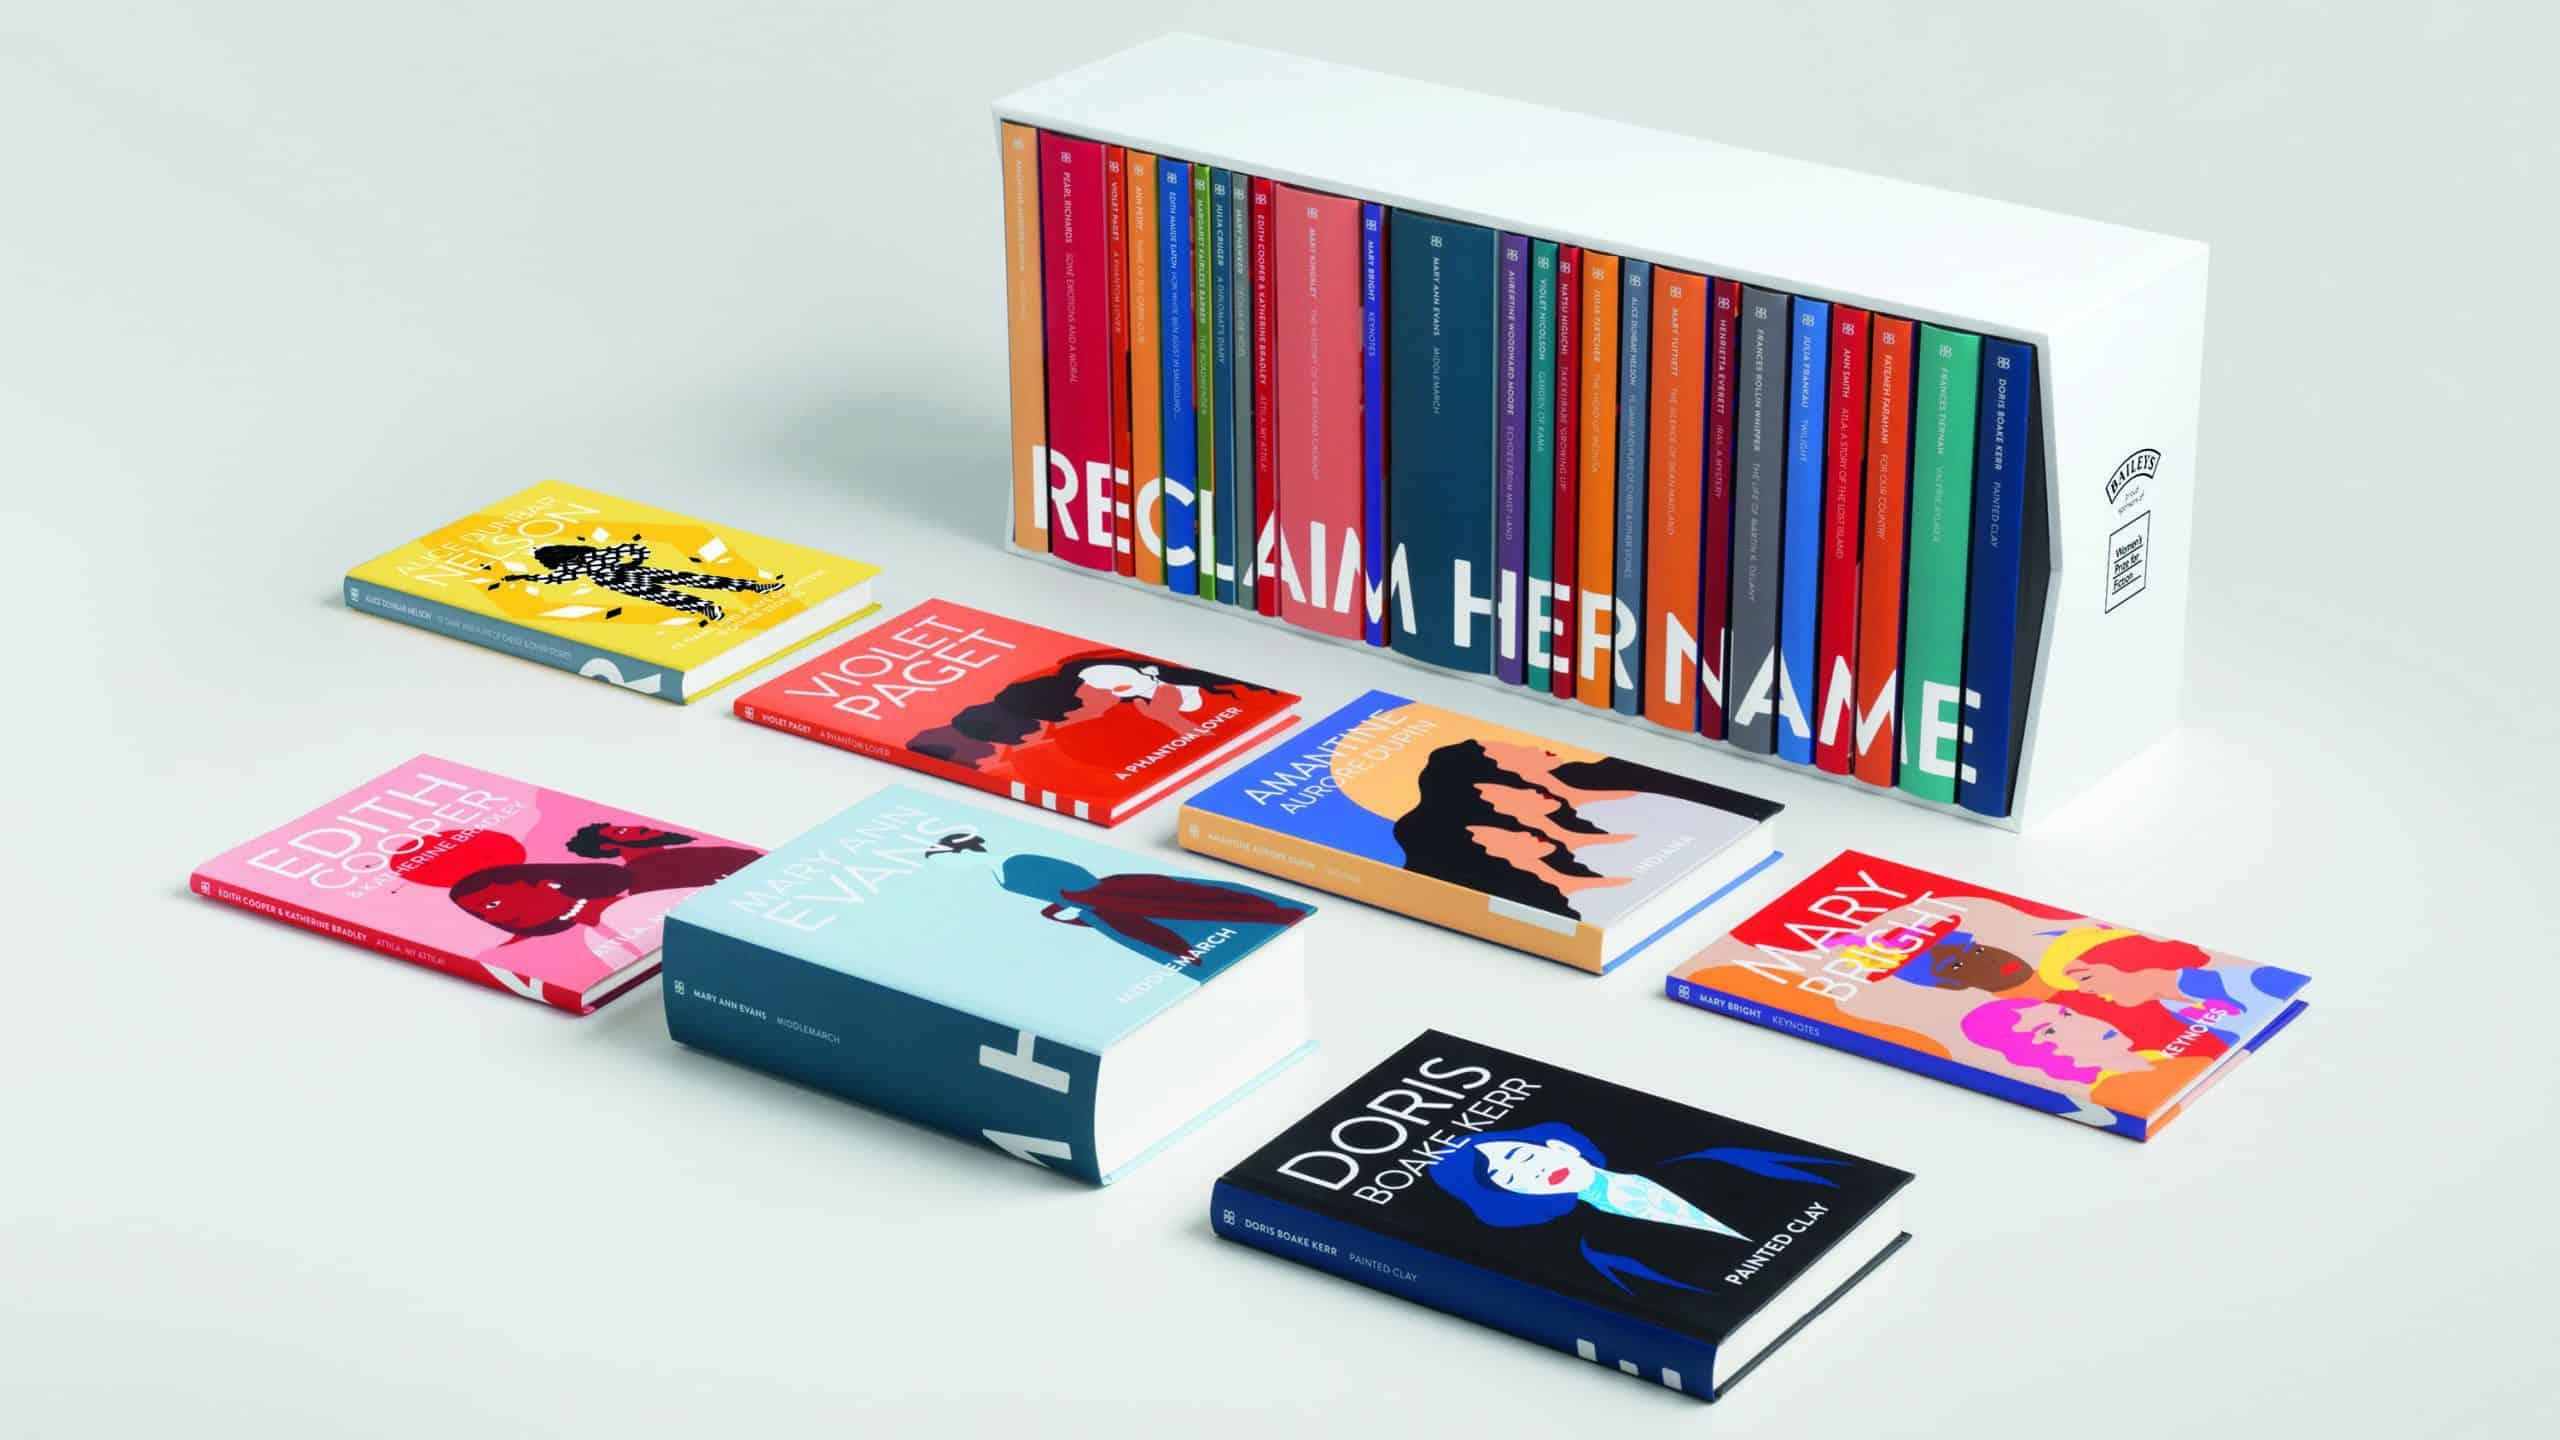 Lanzan una colección de libros de mujeres escritoras que debieron esconderse detrás de seudónimos masculinos para publicar sus obras 2